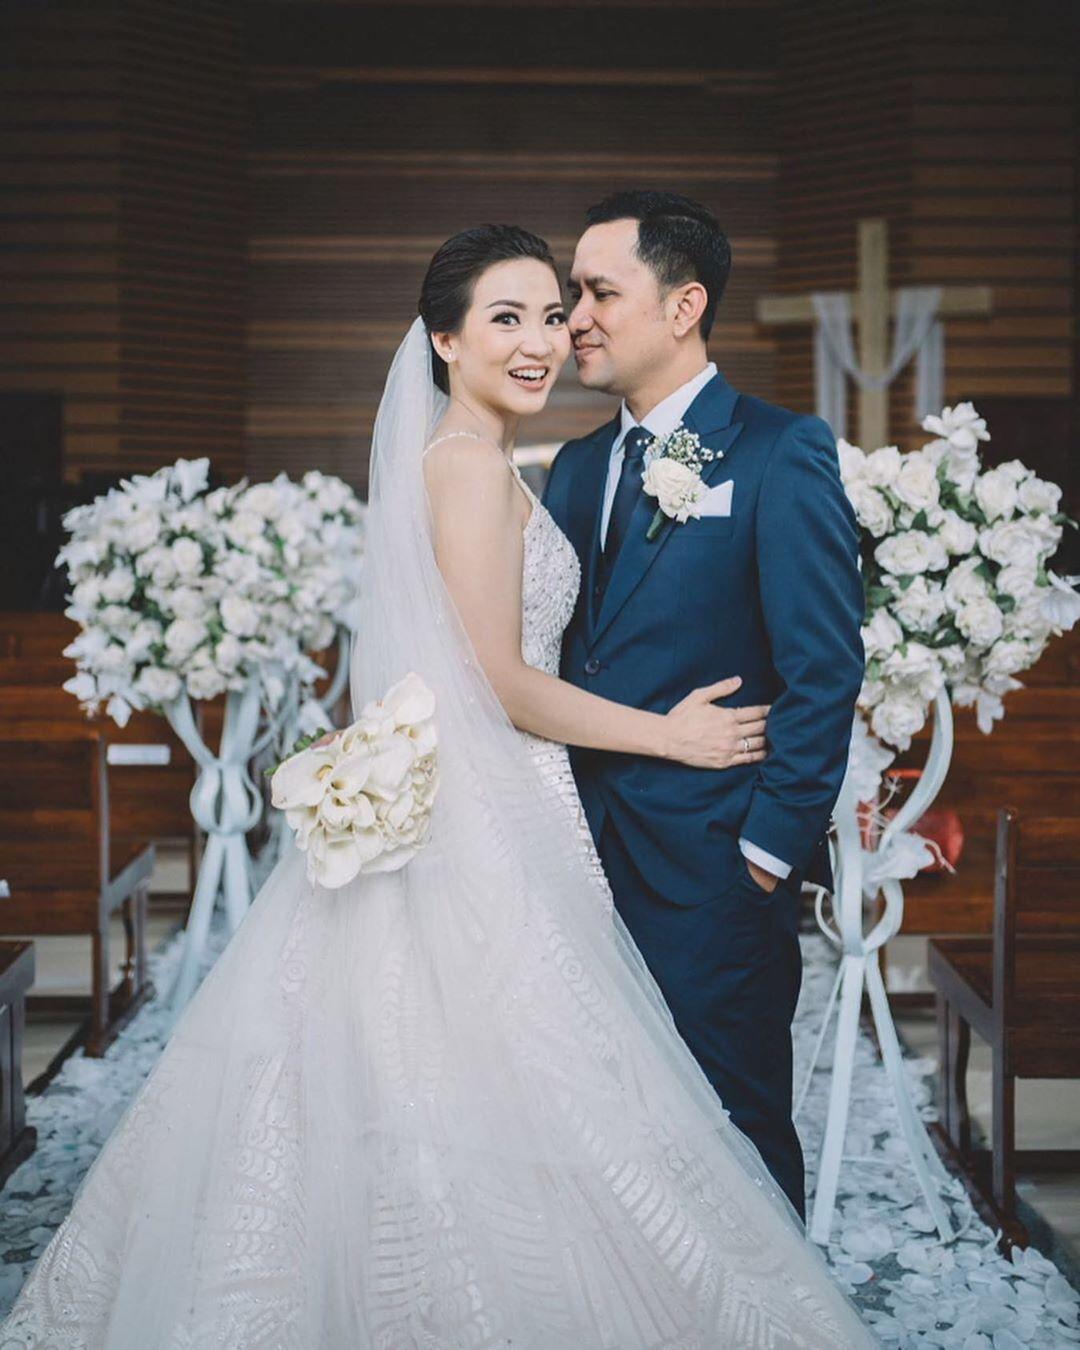 Ini tren pernikahan era New Normal menurut desainer Samuel Wongso